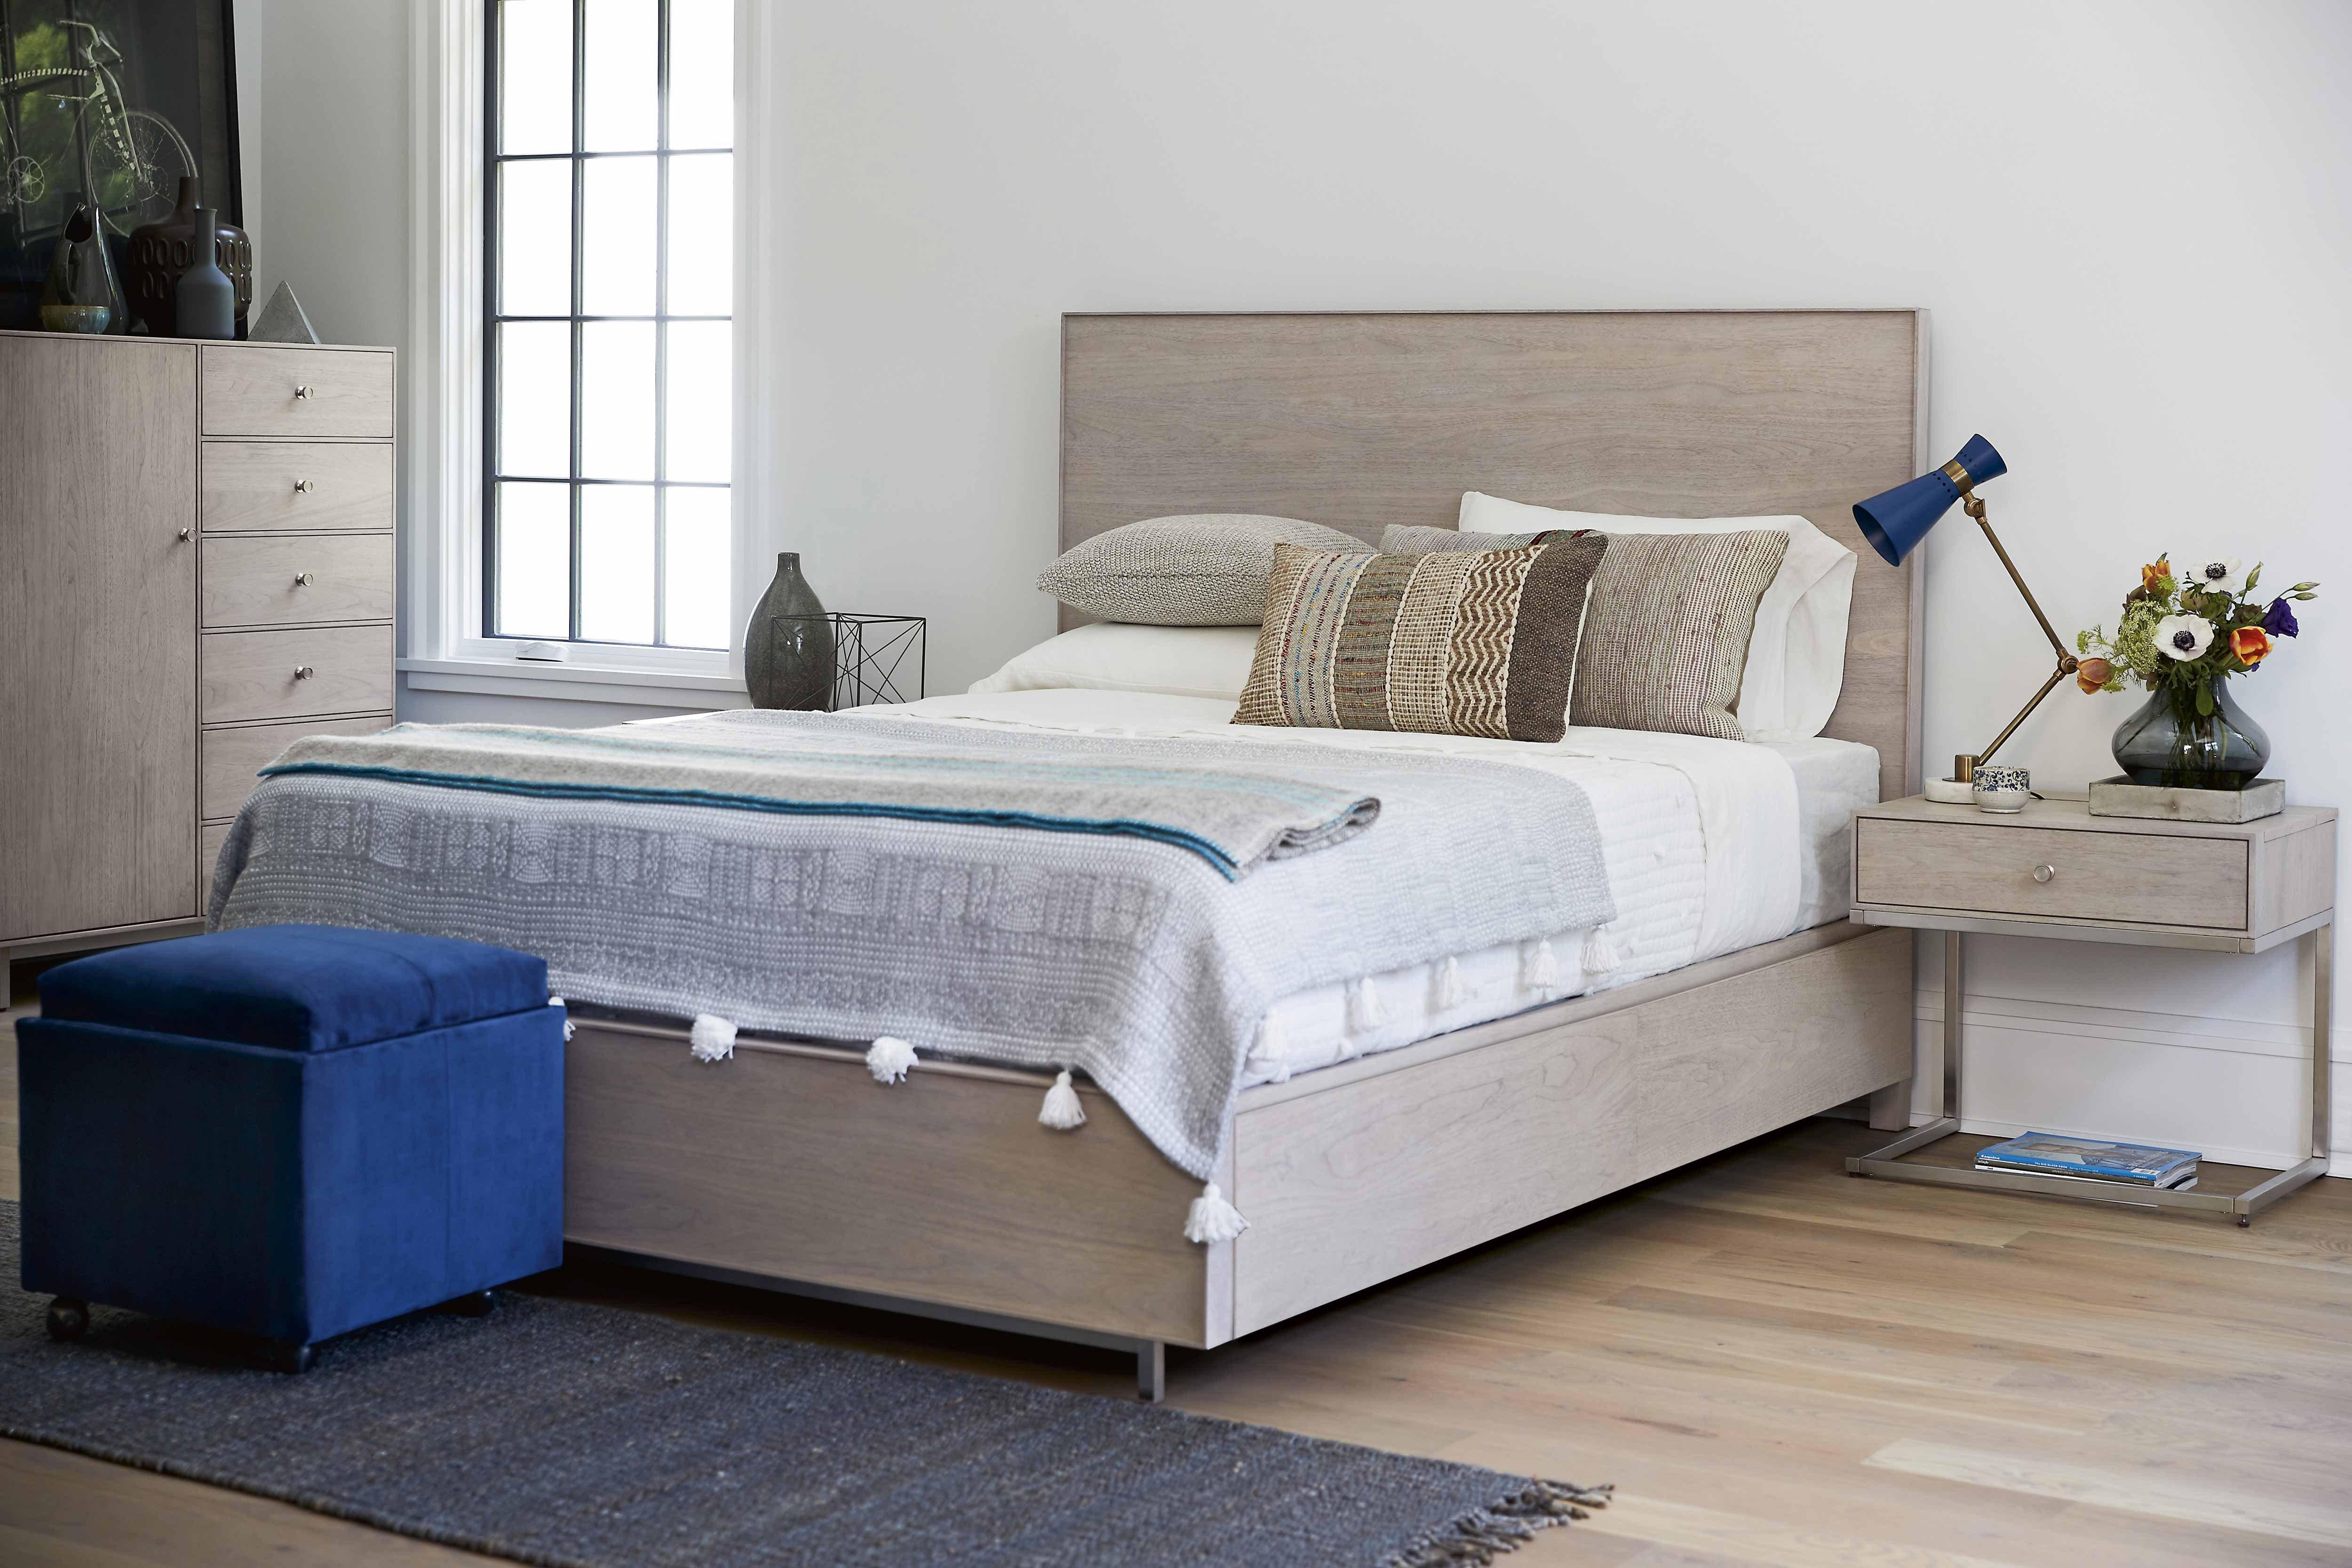 Paula Deen Steel Magnolia Bedroom Set Best Of Universal Furniture Spaces Tanner Panel Bedroom Set In Mist